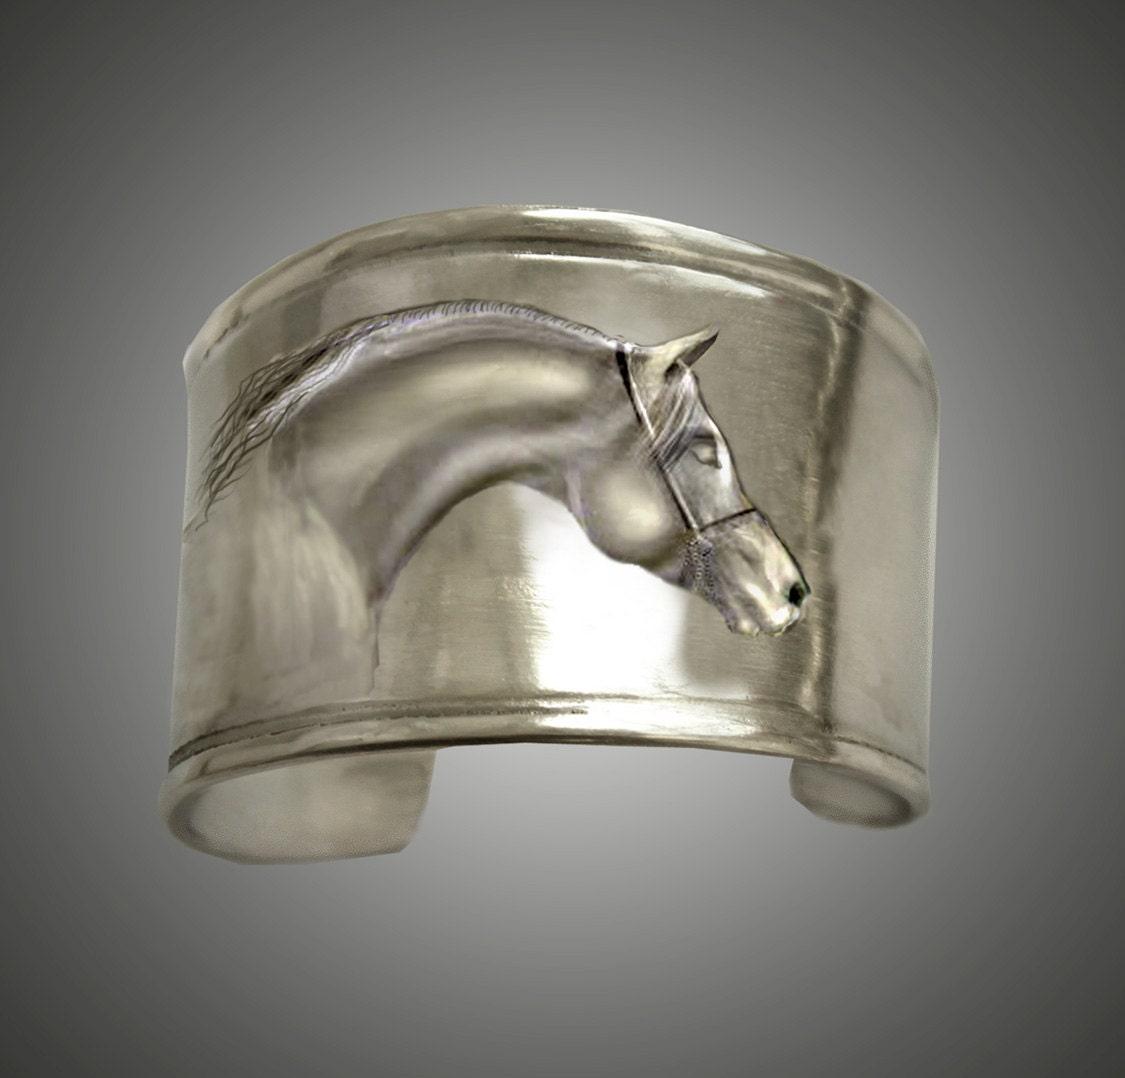 Arabian Horse Cuff bracelet frieze - HorseLadyGifts